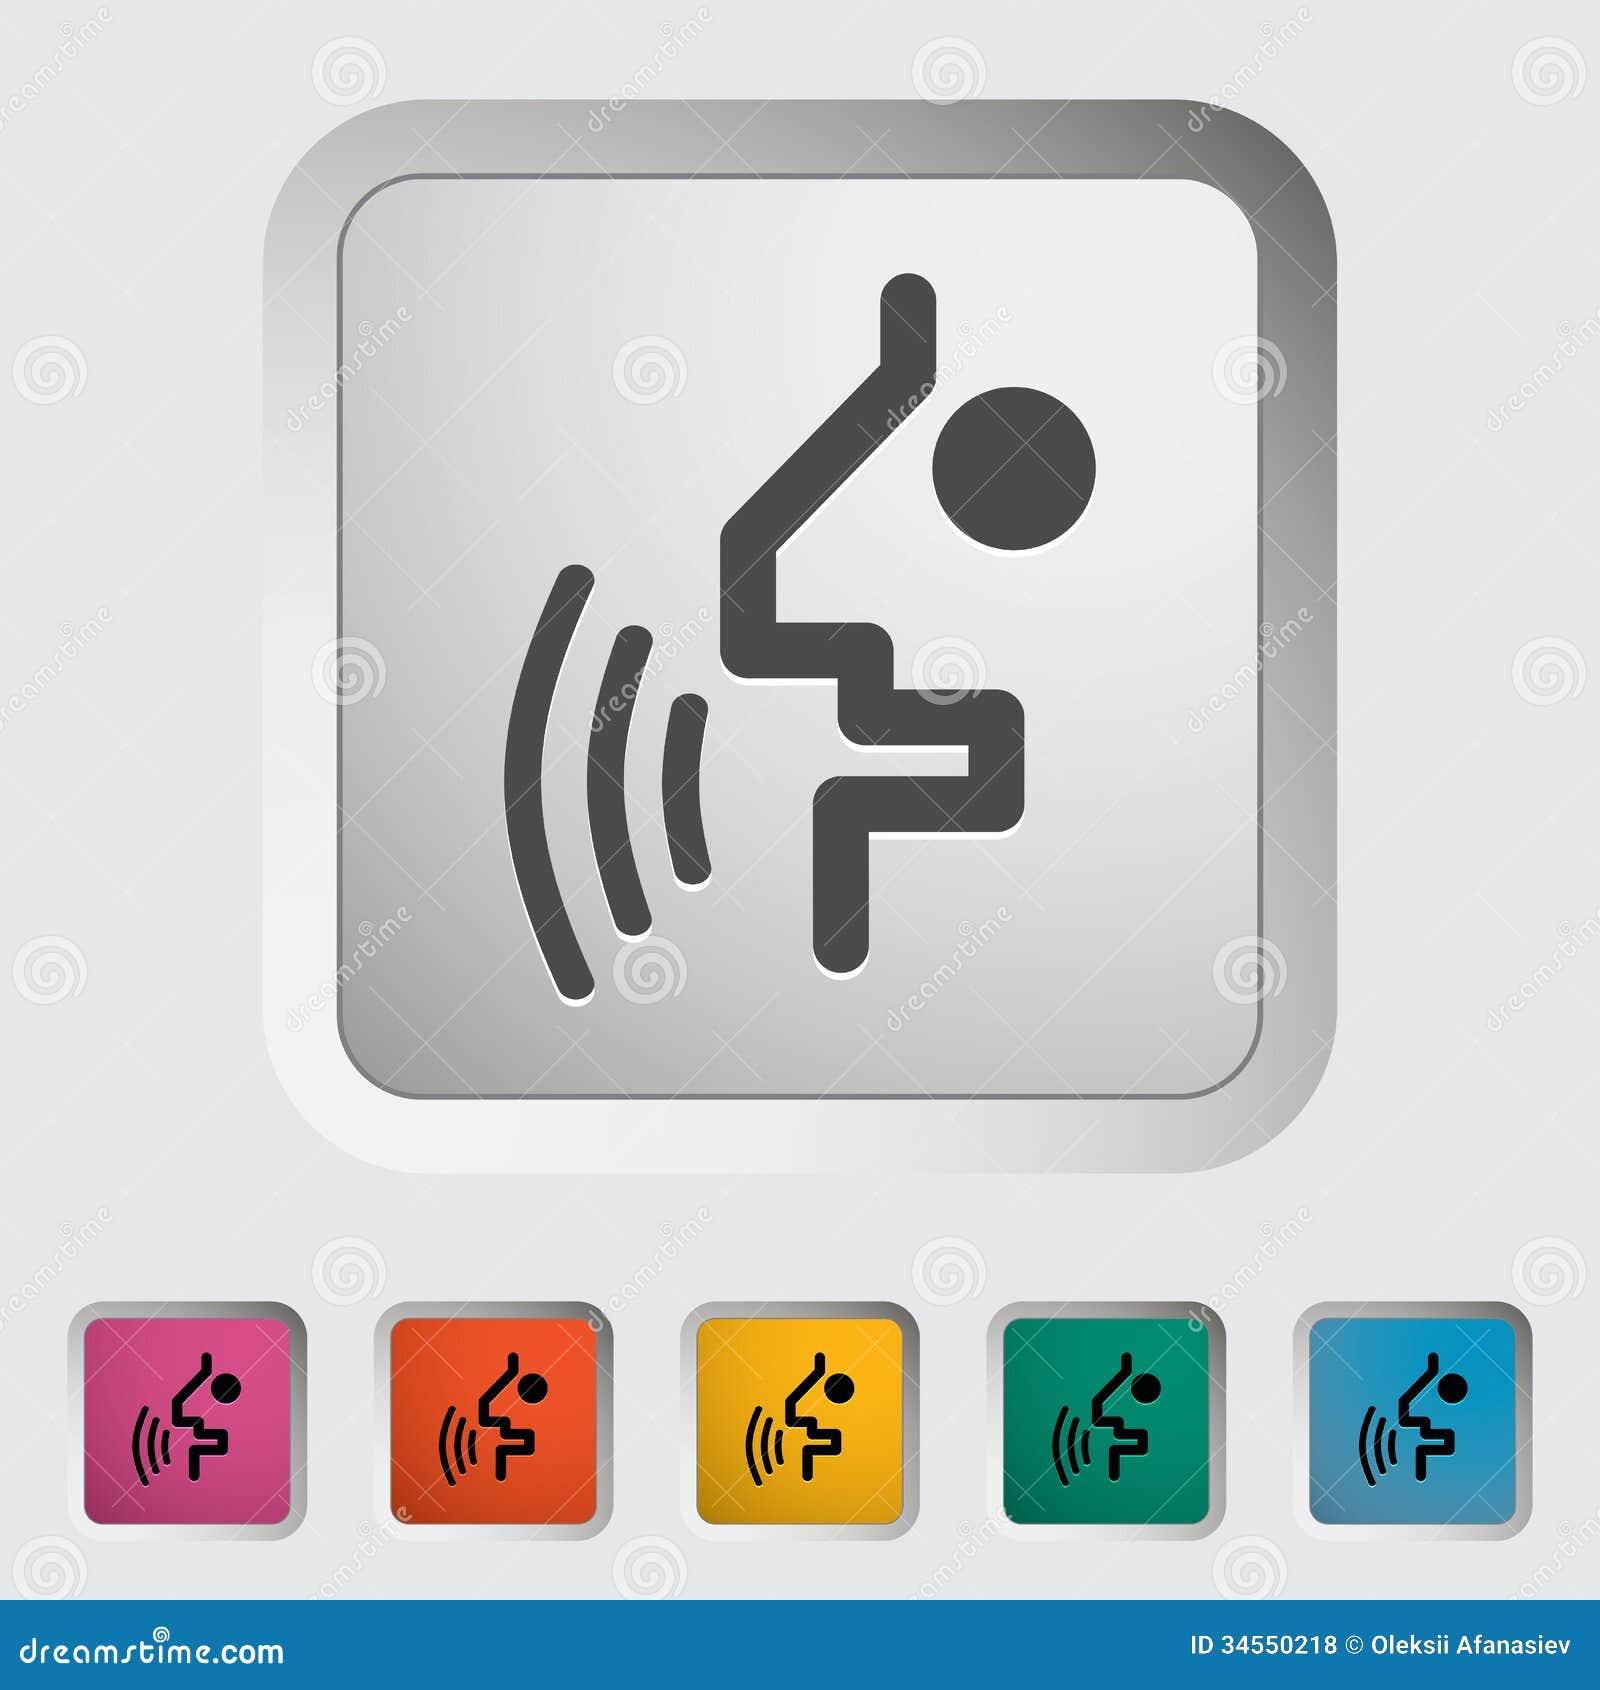 bajrang bali hd photo download XWMpHQ5